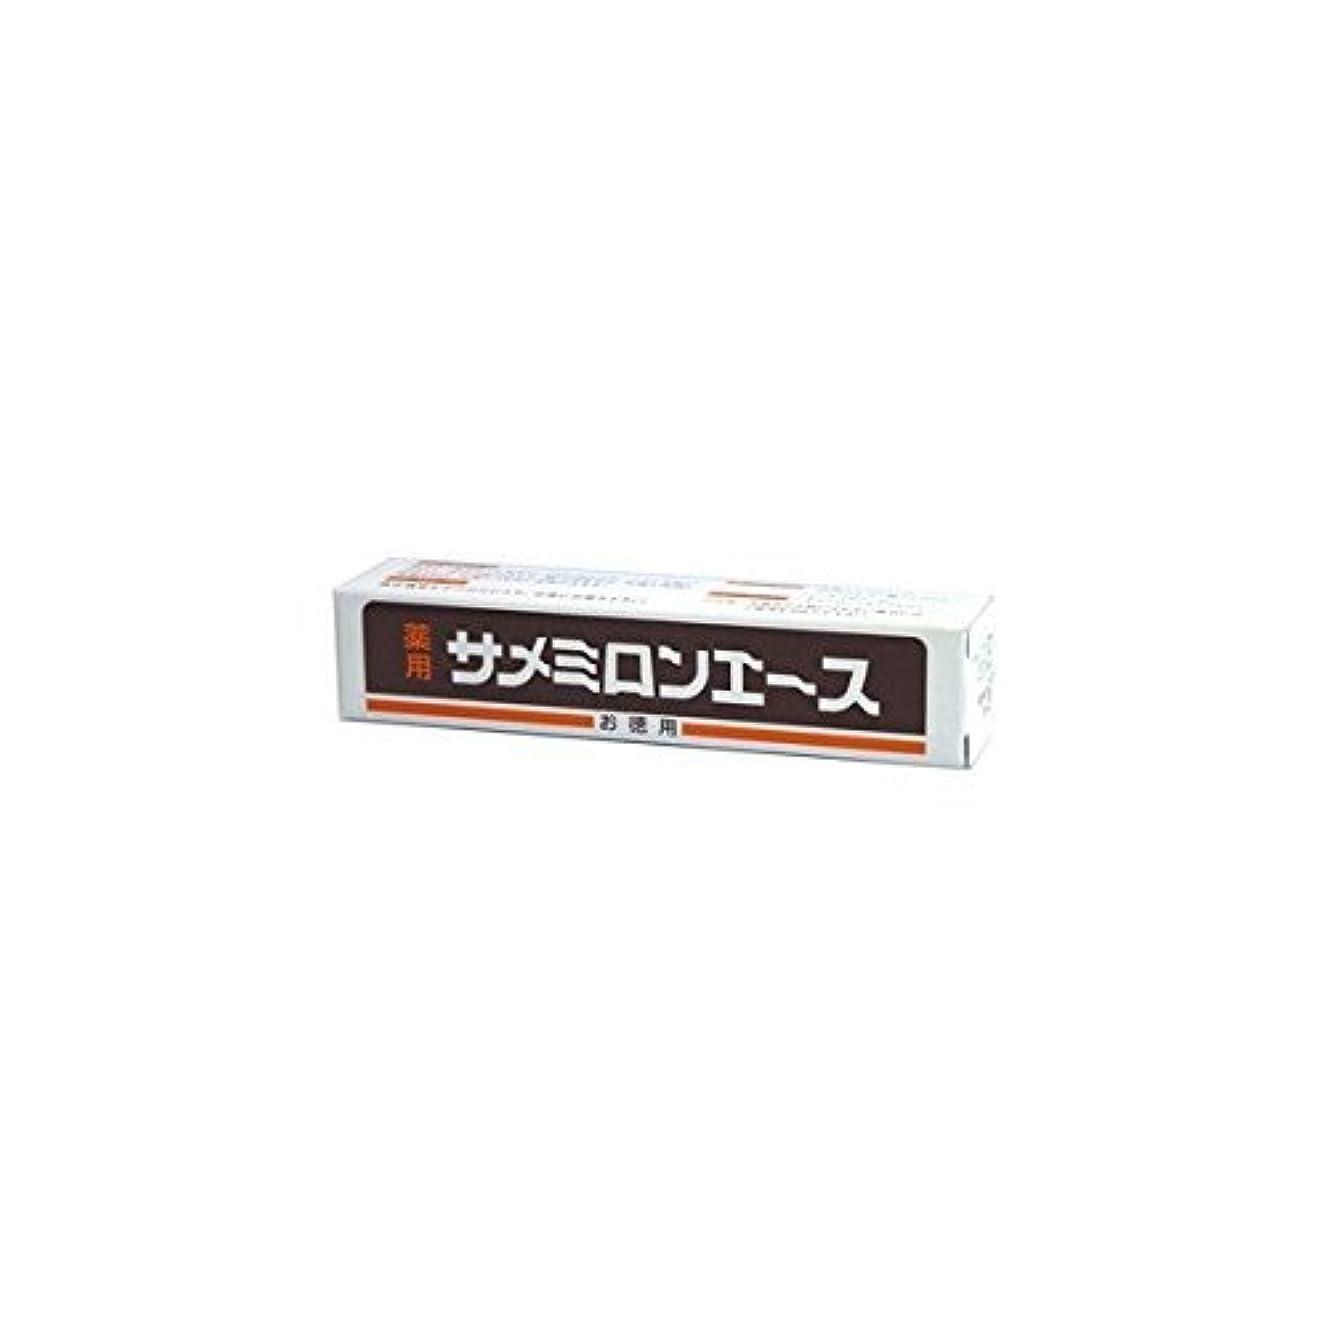 寄生虫裸任意薬用 サメミロンエース 20ml入り 2個 スクアレン配合